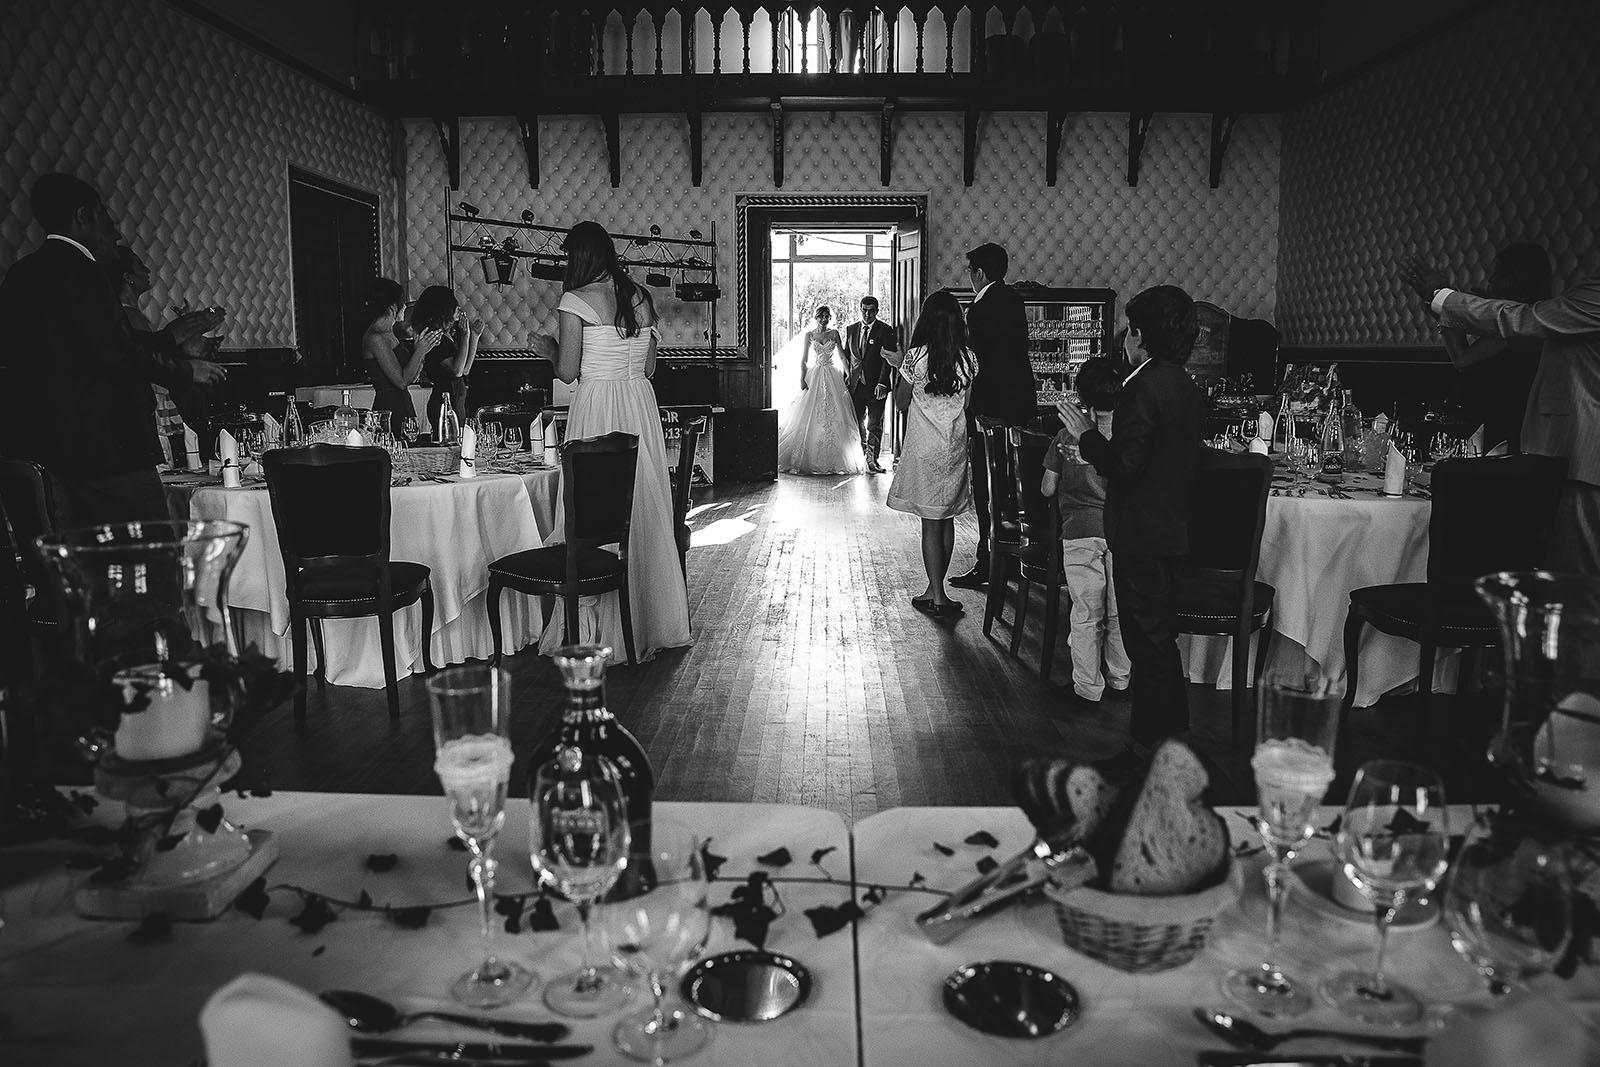 Mariage au Château de Beguin David Pommier photographe de mariage. Les mariés entrent dans la salle de réception